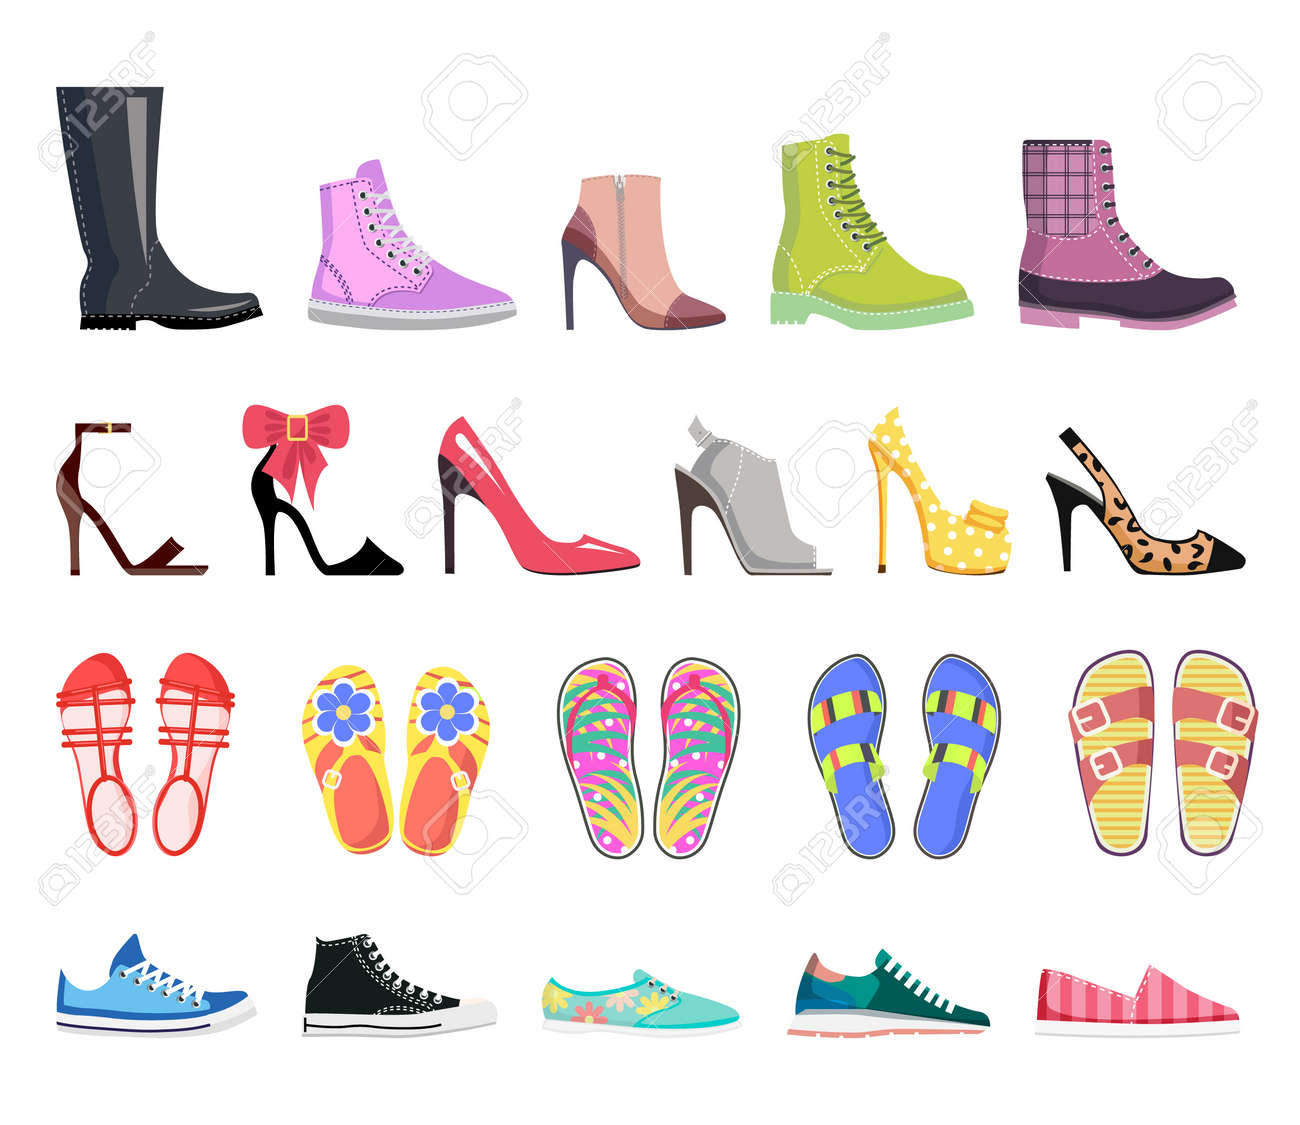 De Mujer Moderna ZapatosCalzado Colección Tipos tQdxBshorC